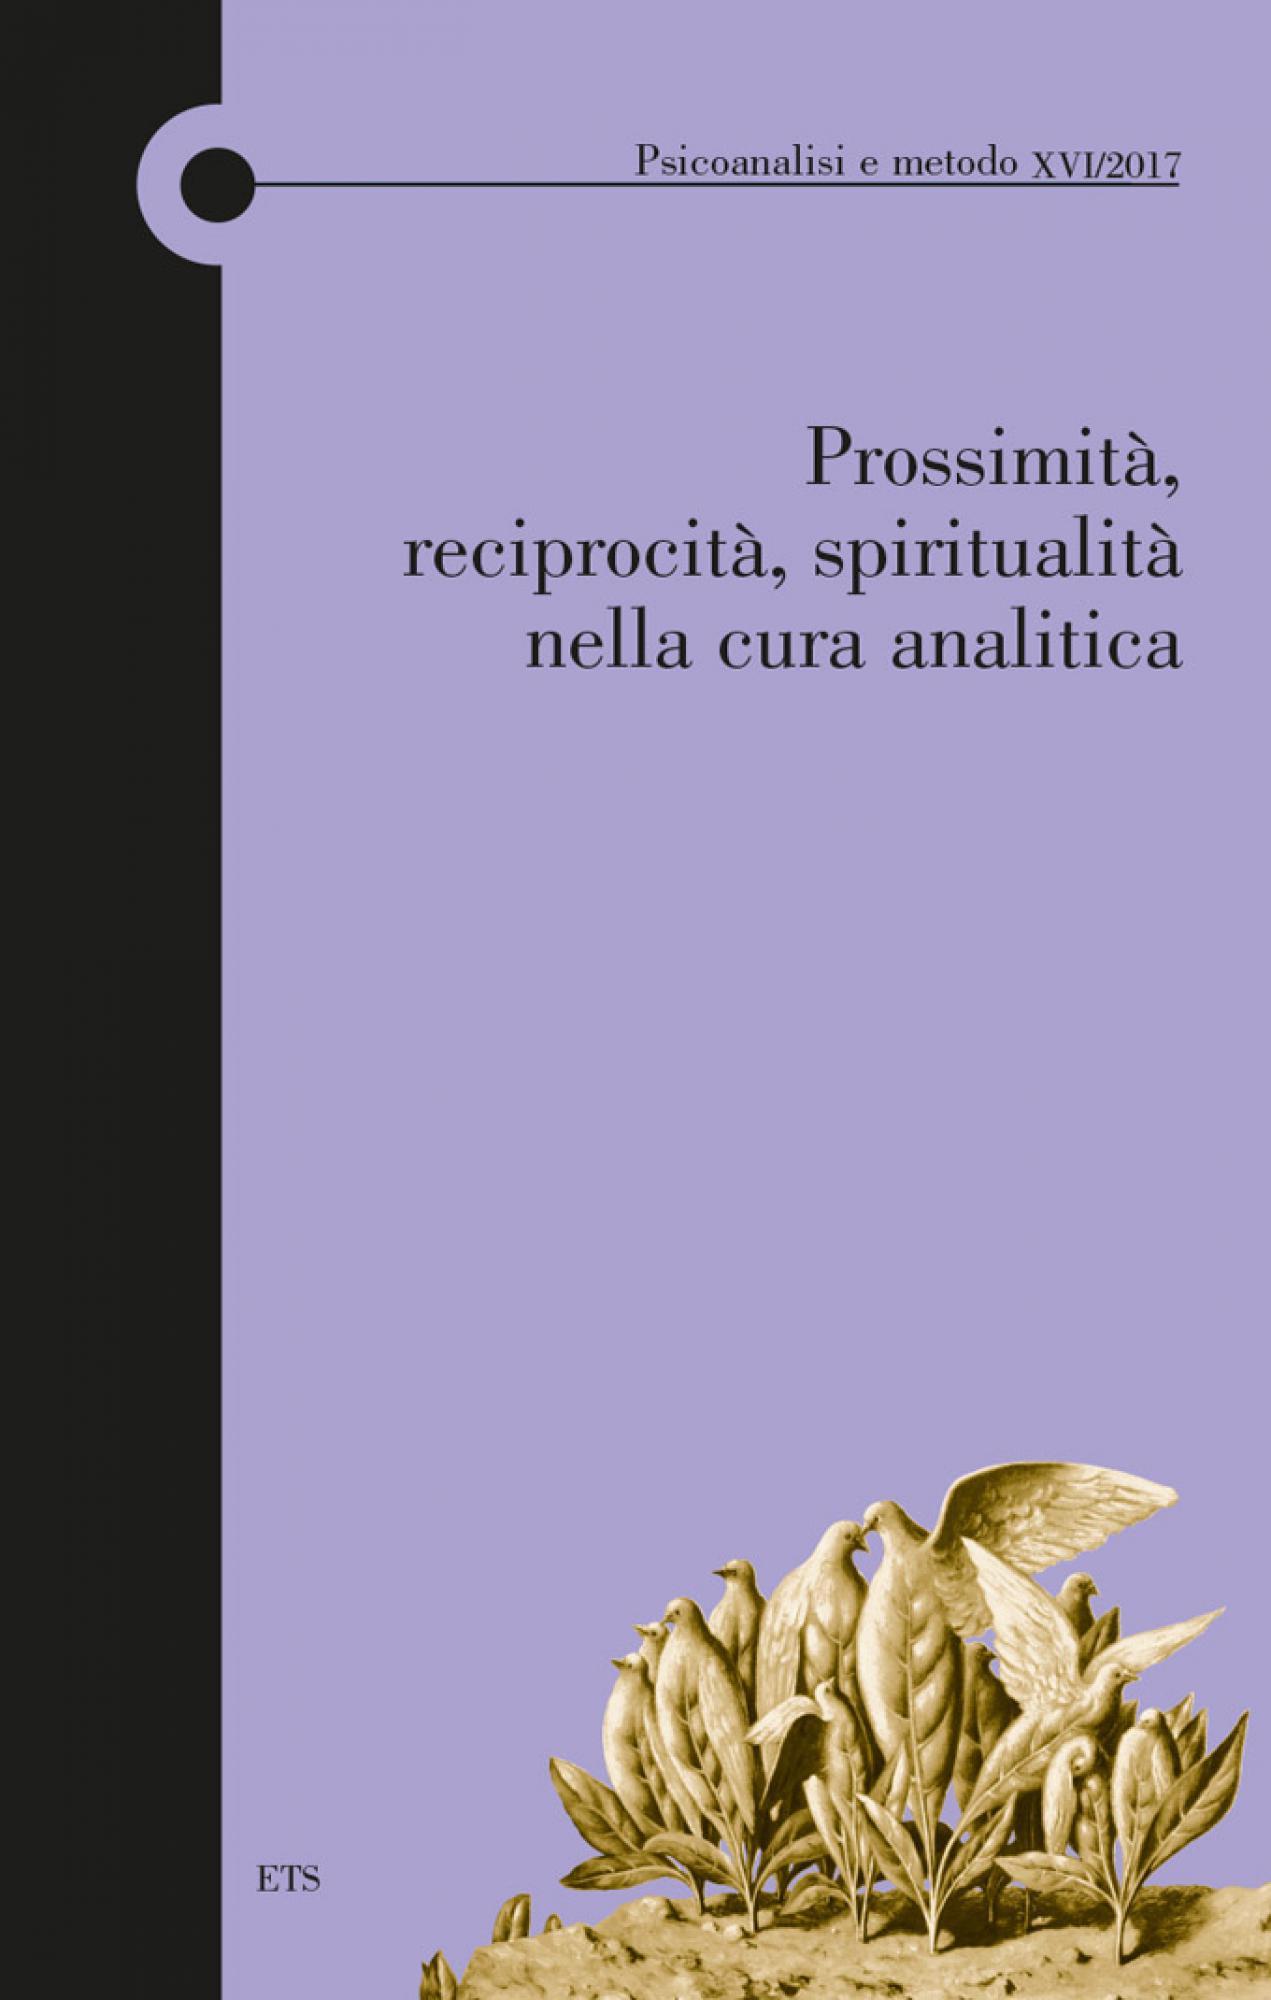 Prossimità, reciprocità, spiritualità nella cura analitica